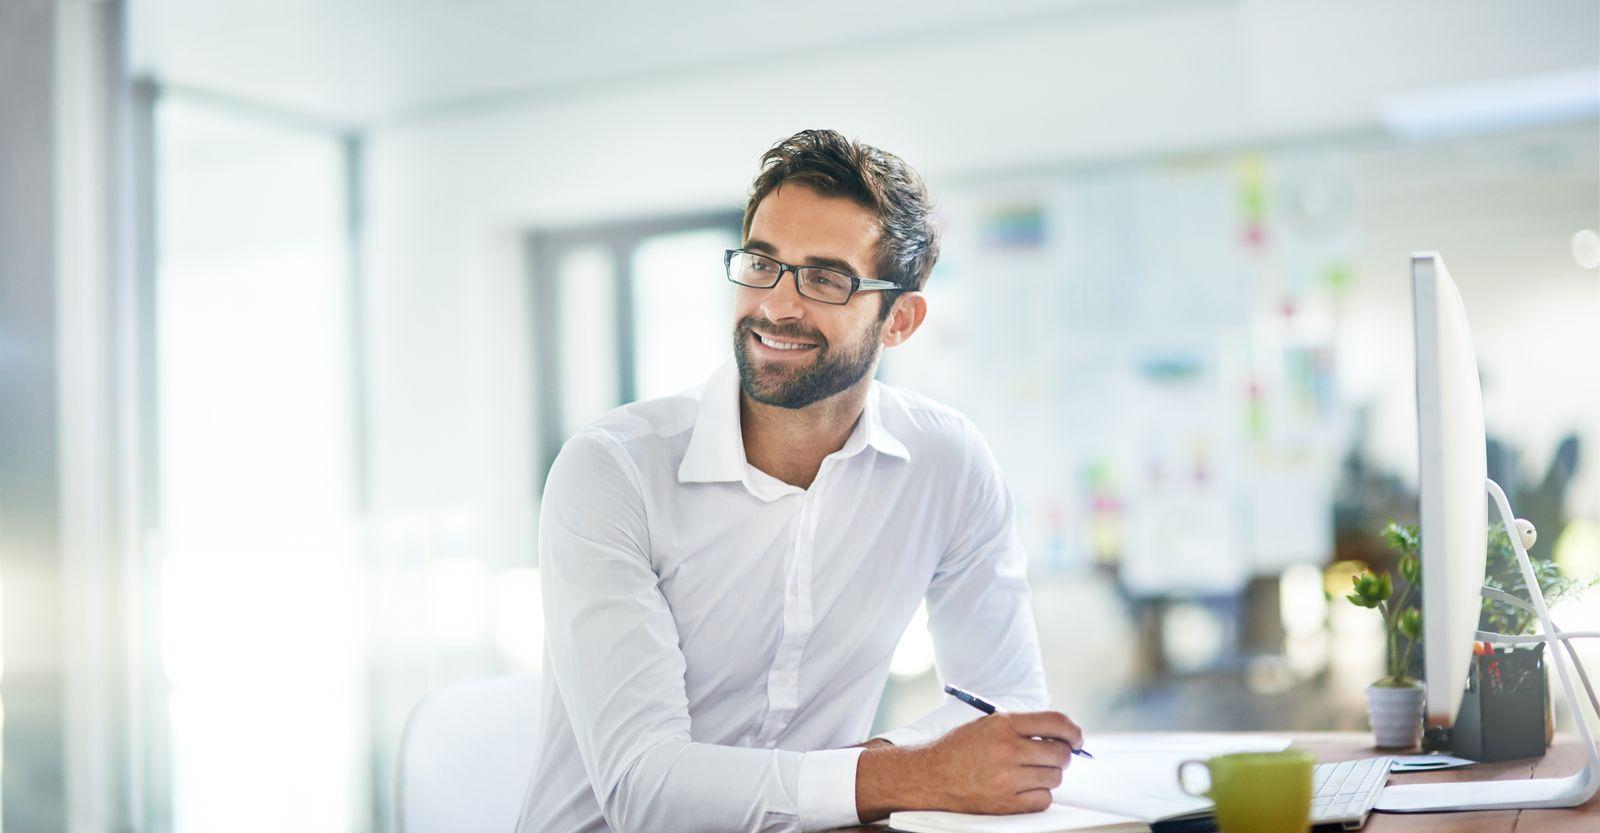 homme souriant en chemise blanche assis devant un ordinateur